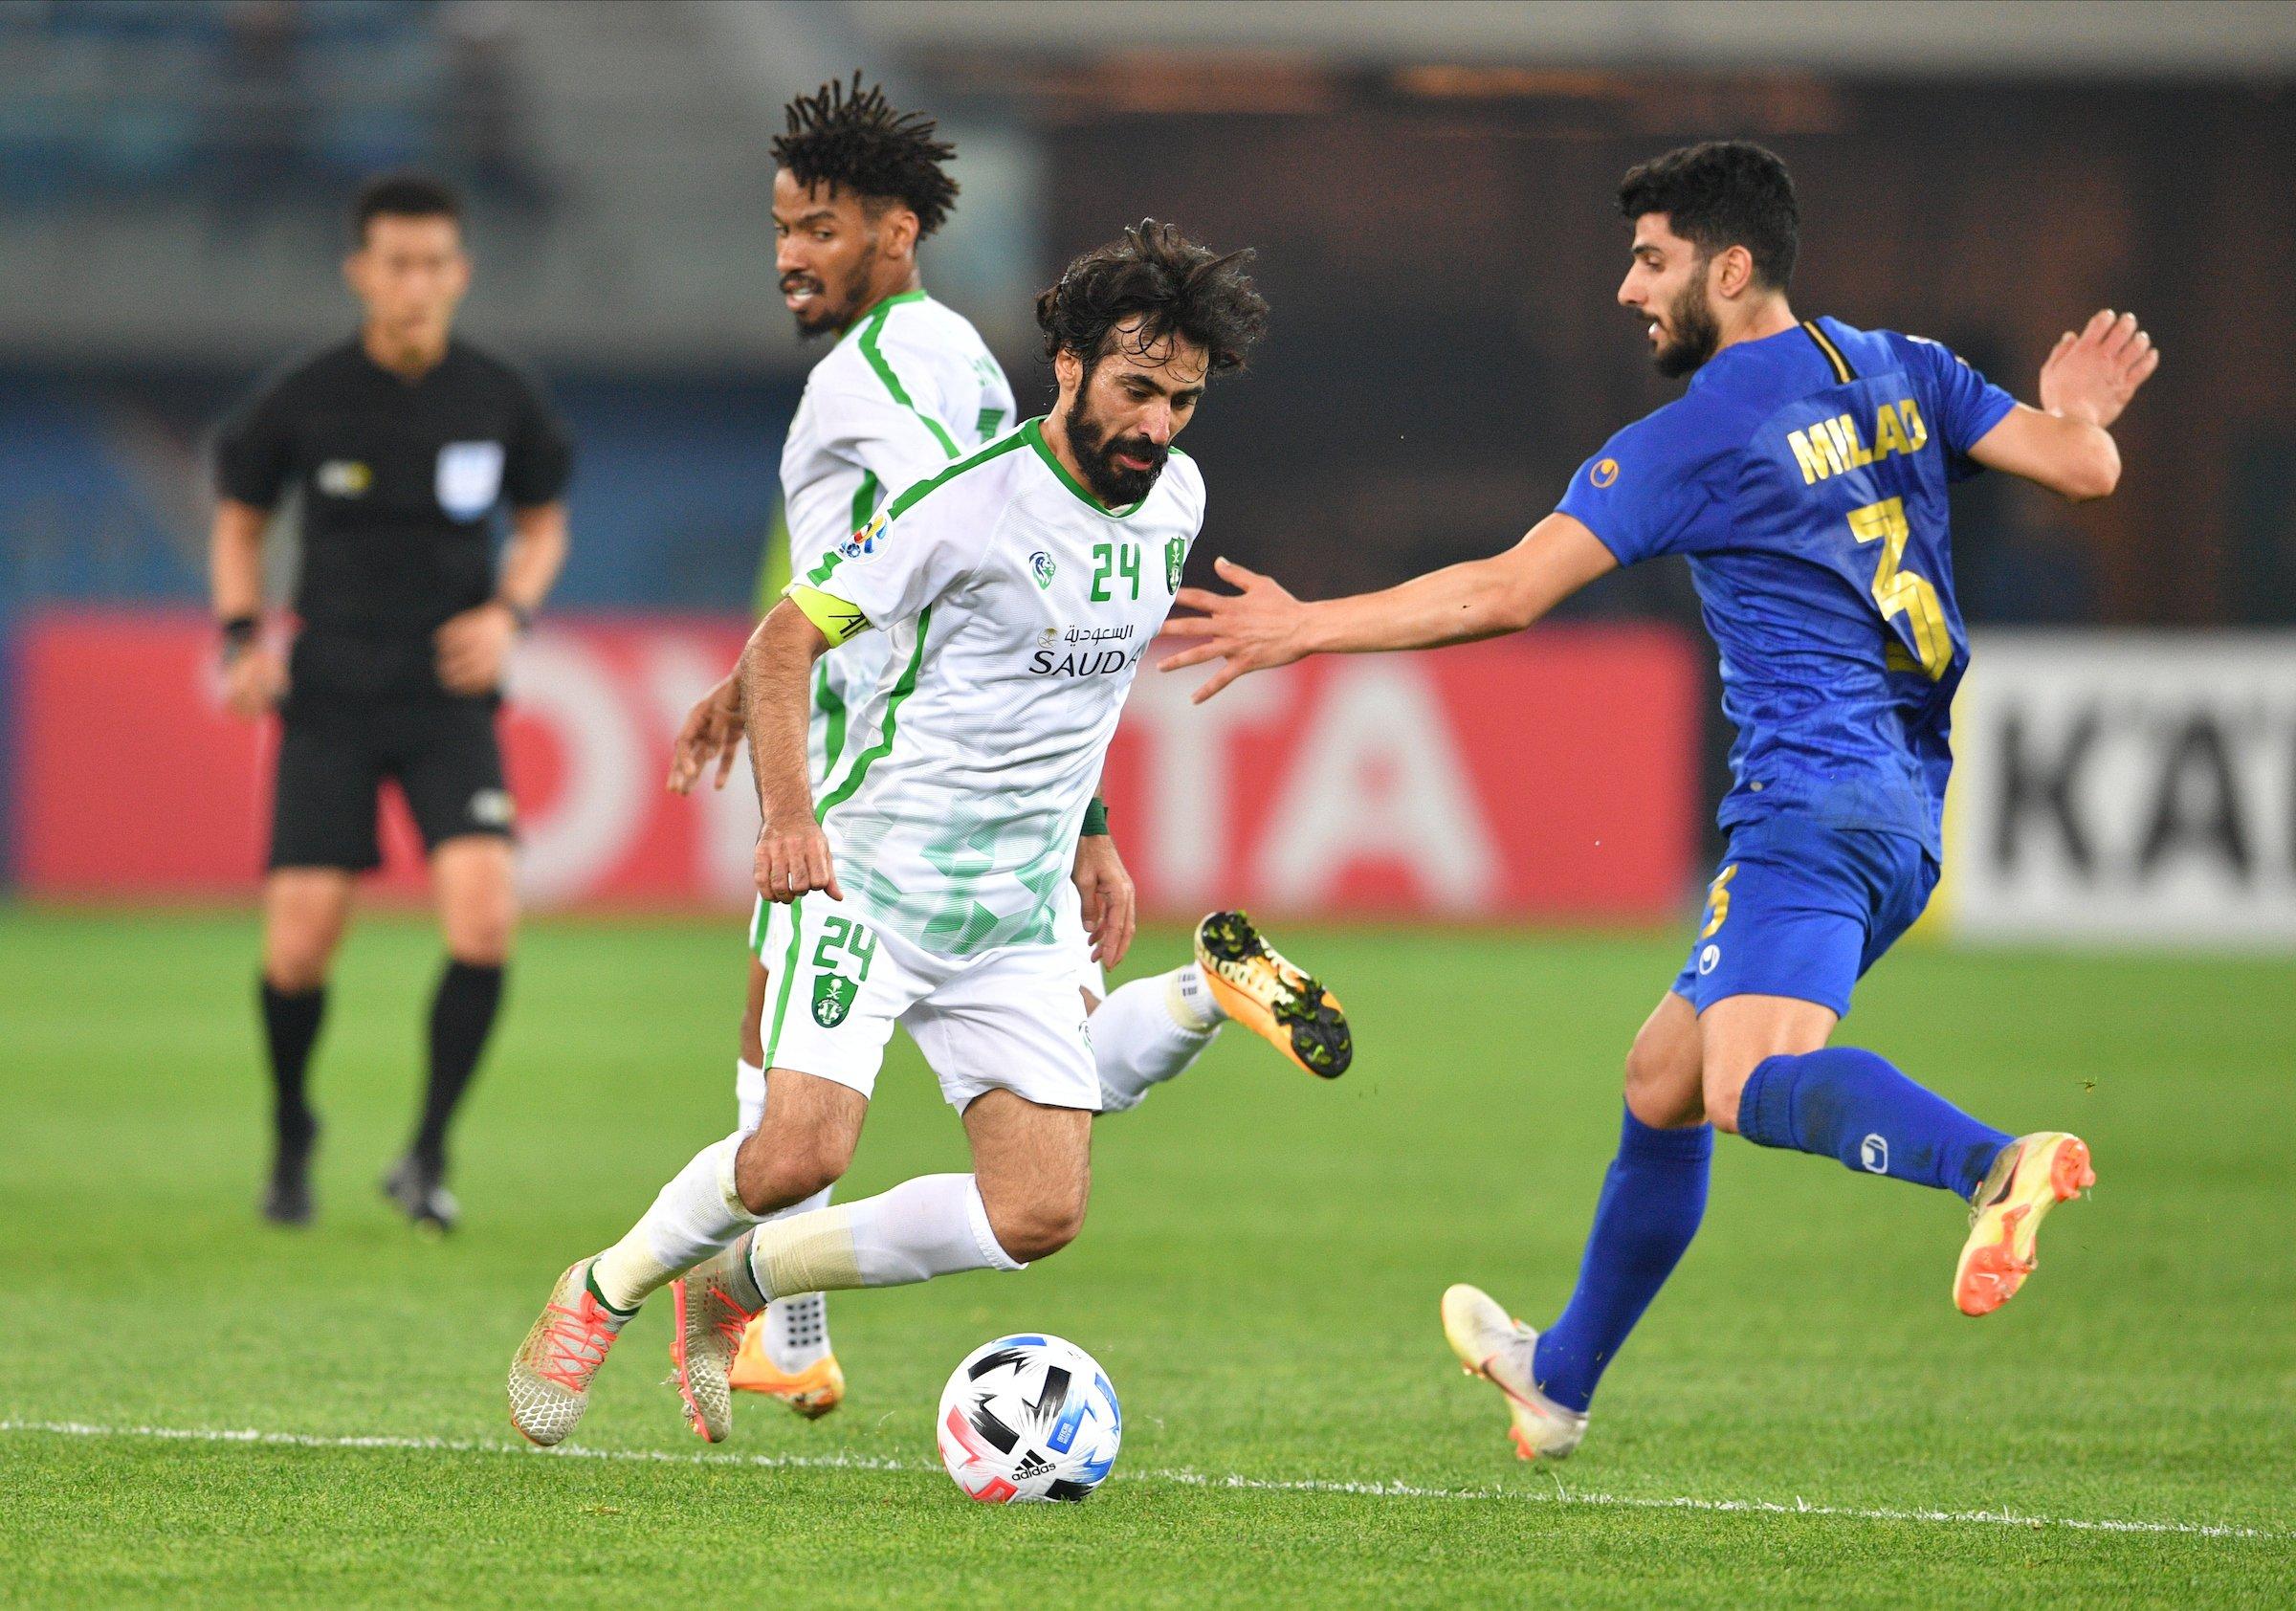 الأهلي السعودي يتغلب على استقلال طهران ويتصدر المجموعة الأولى من ابطال اسيا